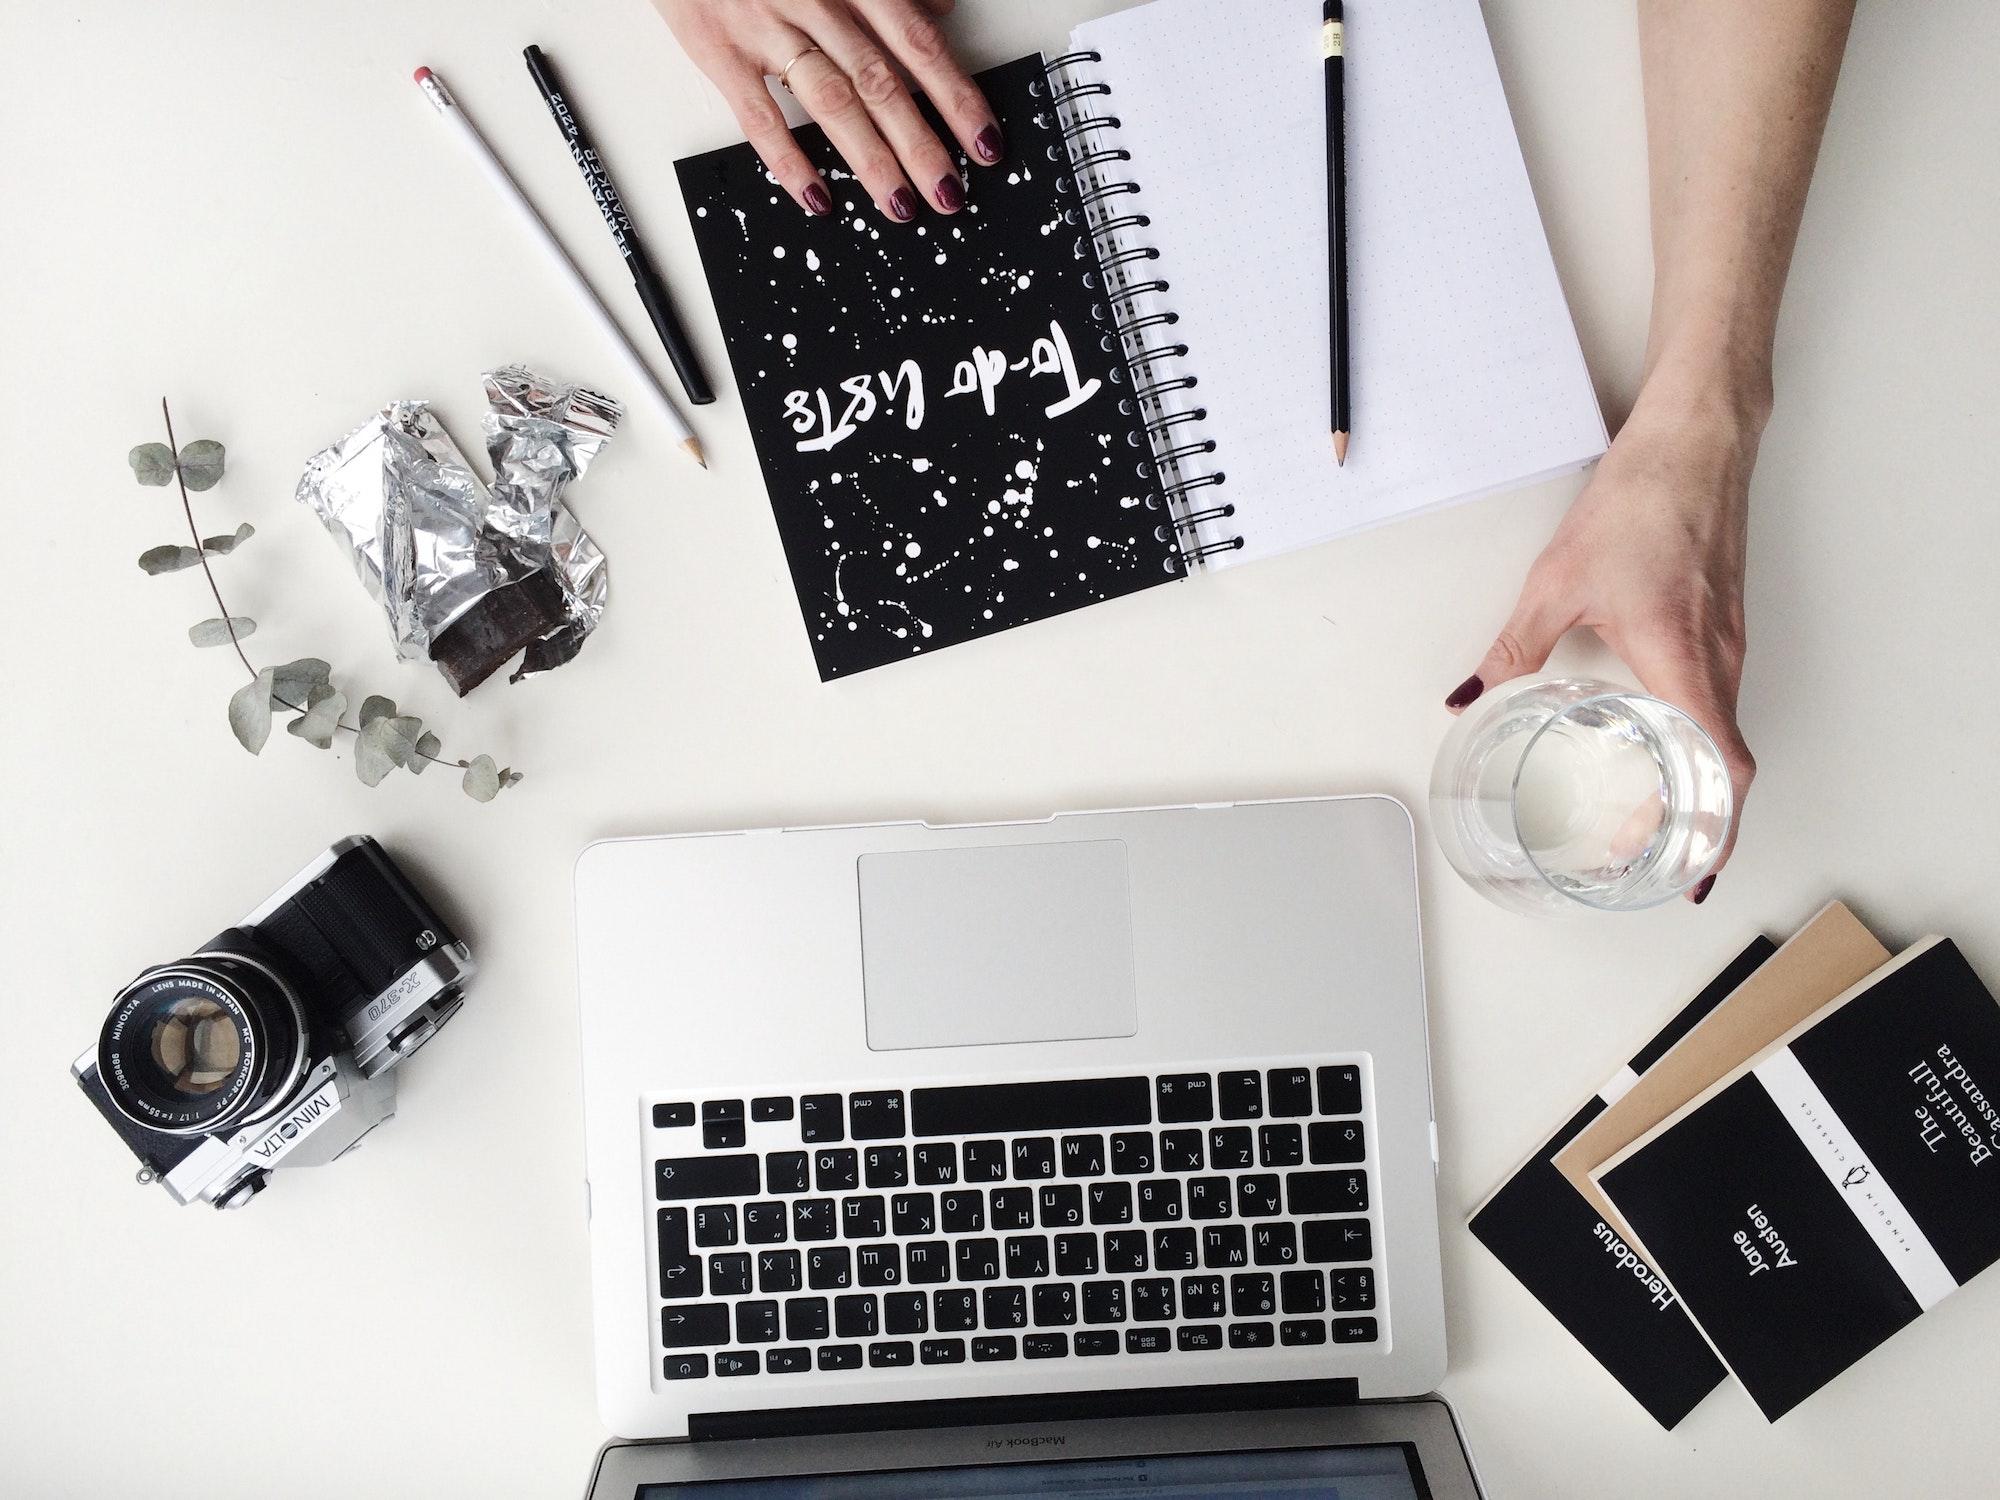 Geek Cat - organizacja czasu i pracy - biznes - przedsiębiorczość - produktywność